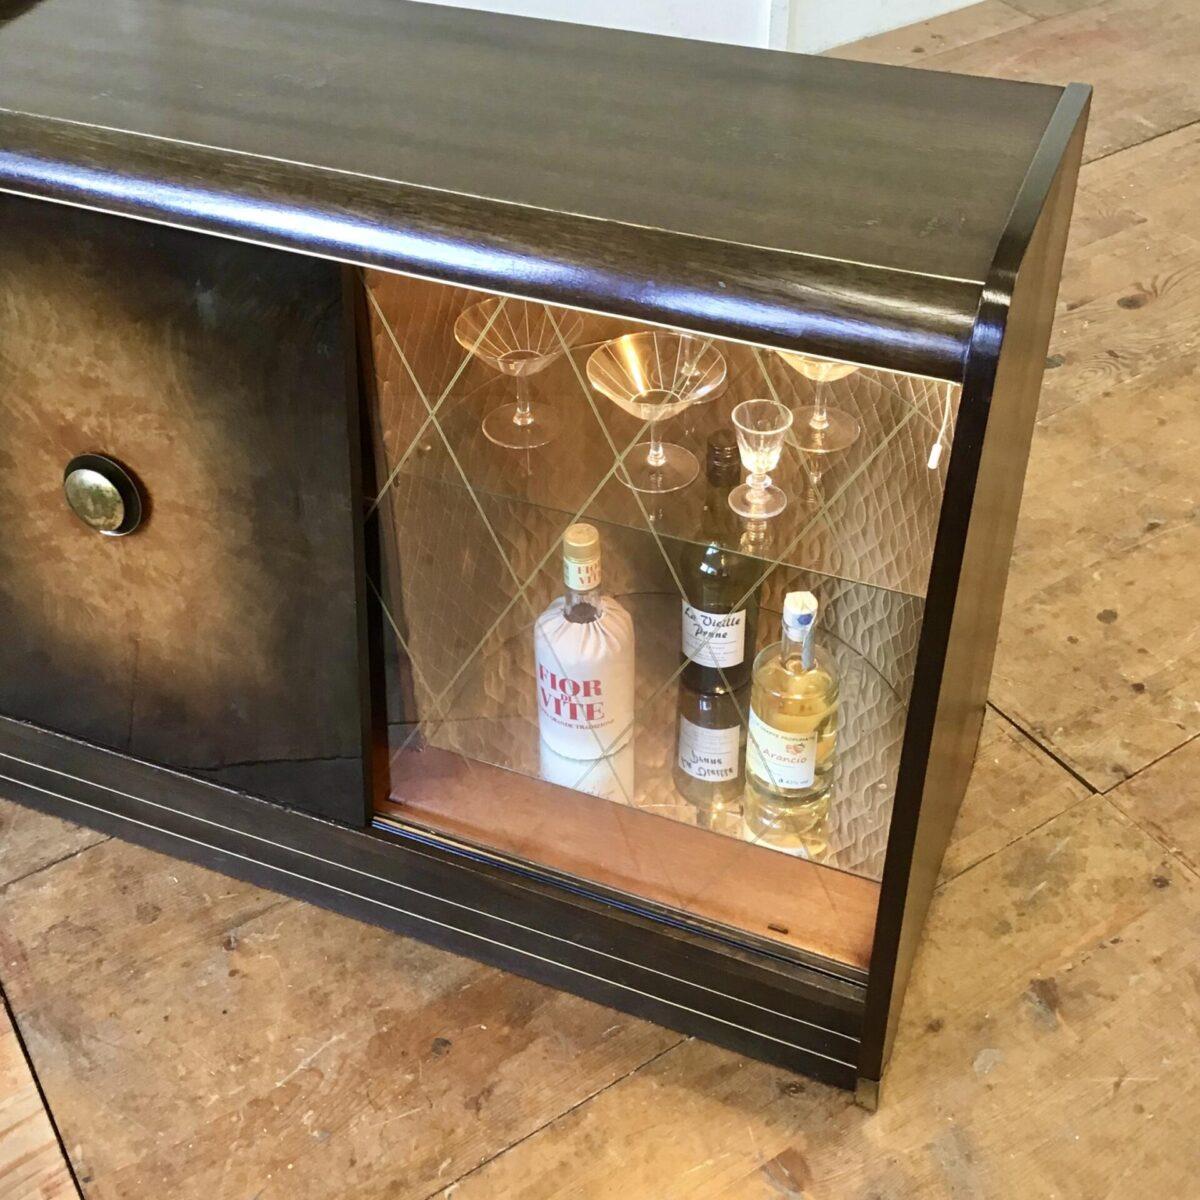 Vintage Kommode aus den 50er 60er Jahren. 98x45,5cm Höhe 77cm. Das Sideboard hat auf der linken Seite etwas Stauraum mit einem Tablar. Rechts hinter der Glas Schiebetür befindet sich das Barfach. Gold ausgekleidet mit glas Tablar und Boden Spiegel. Diese Seite kann mit einer Lampe beleuchtet werden.